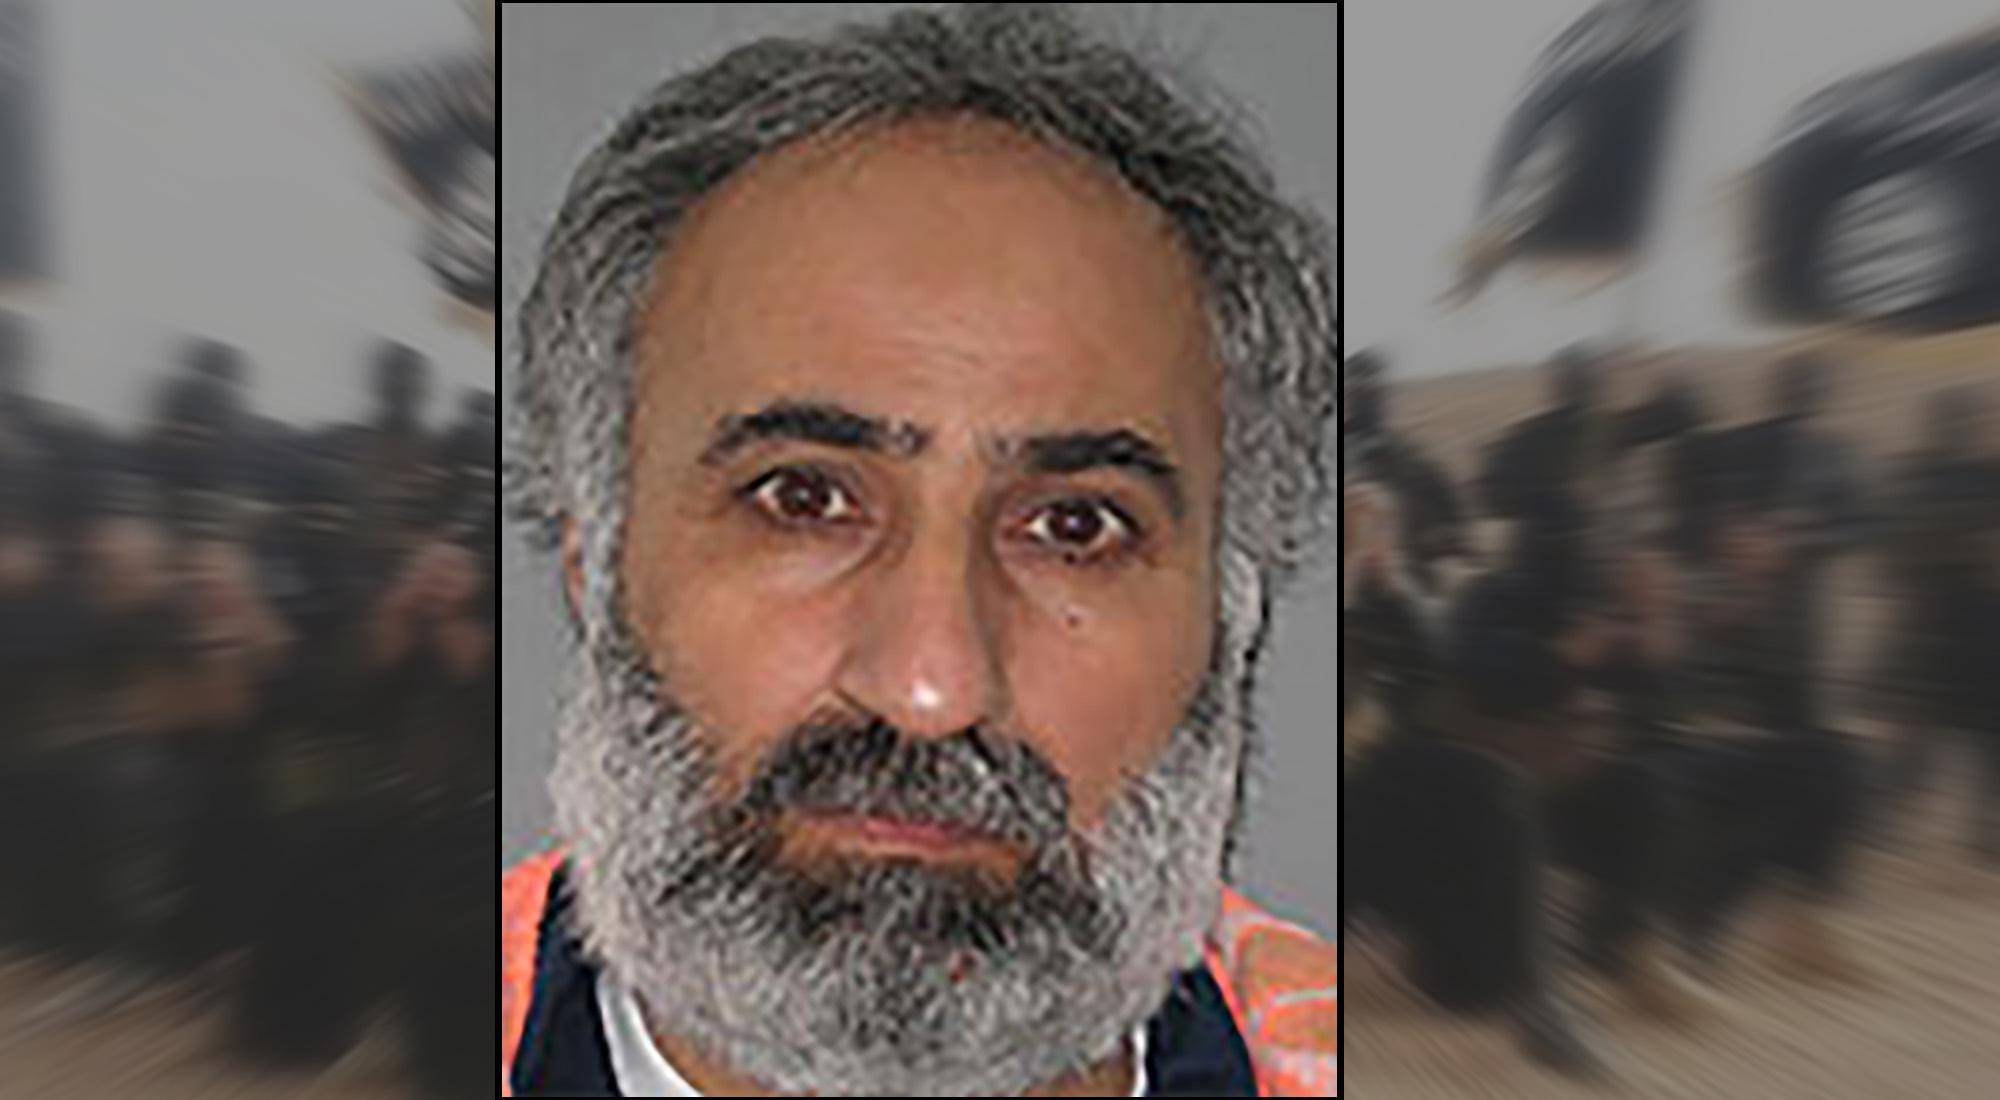 ISIS leader Abd al-Rahman Mustafa al-Qaduli